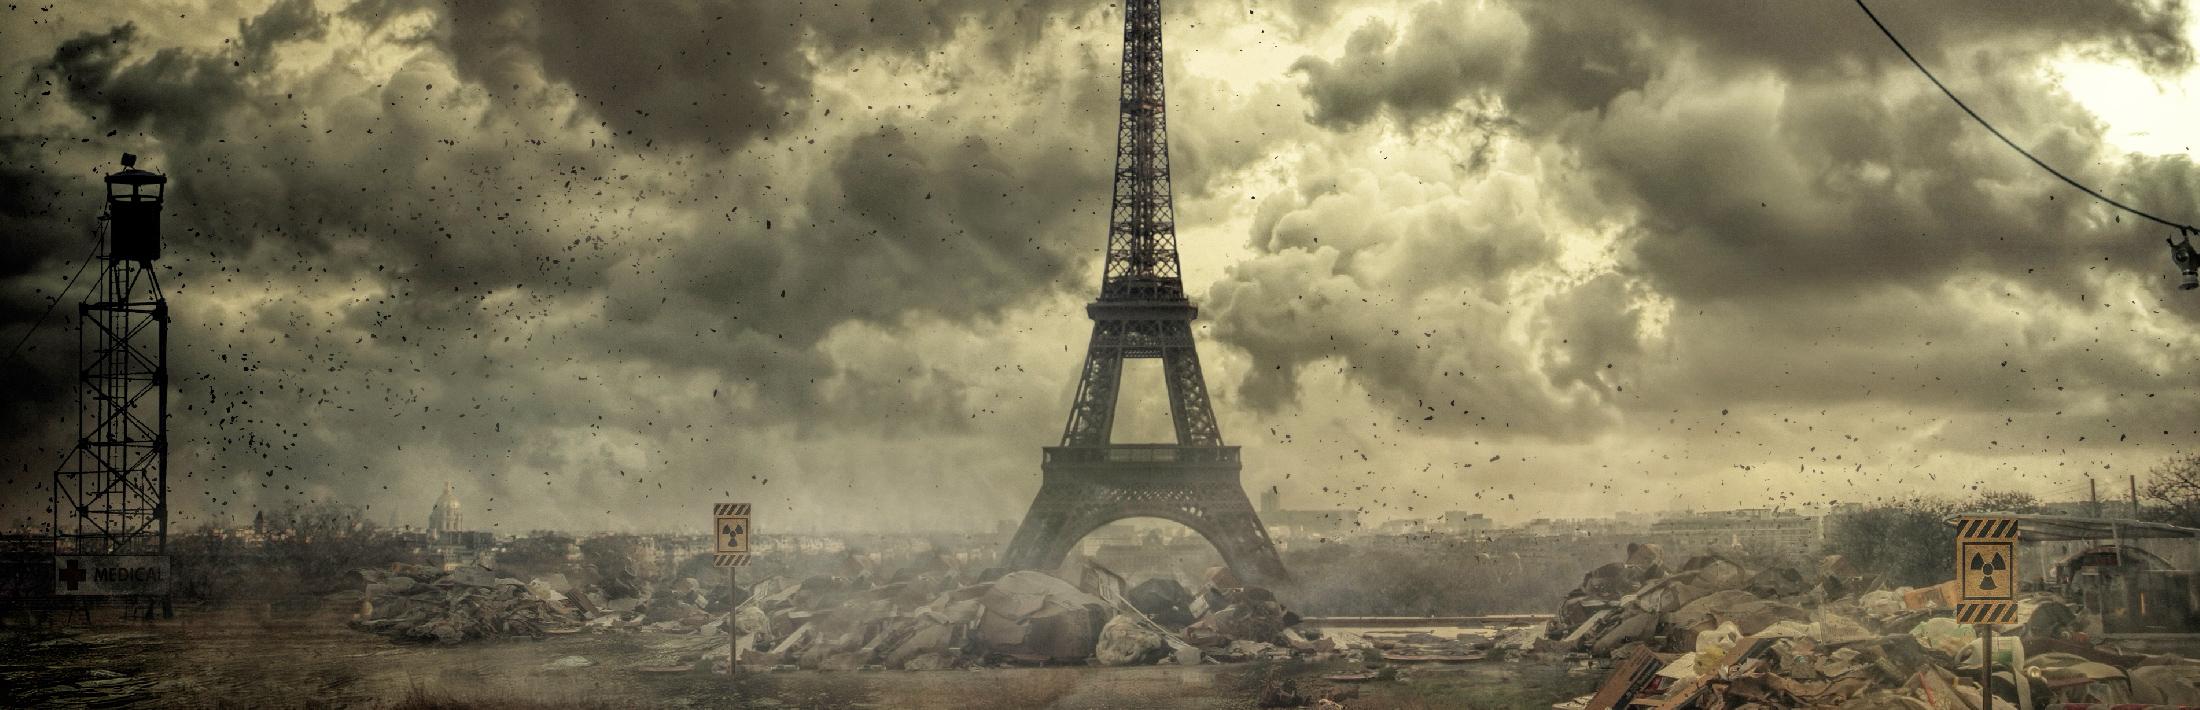 Paris après une catastrophe nucléaire